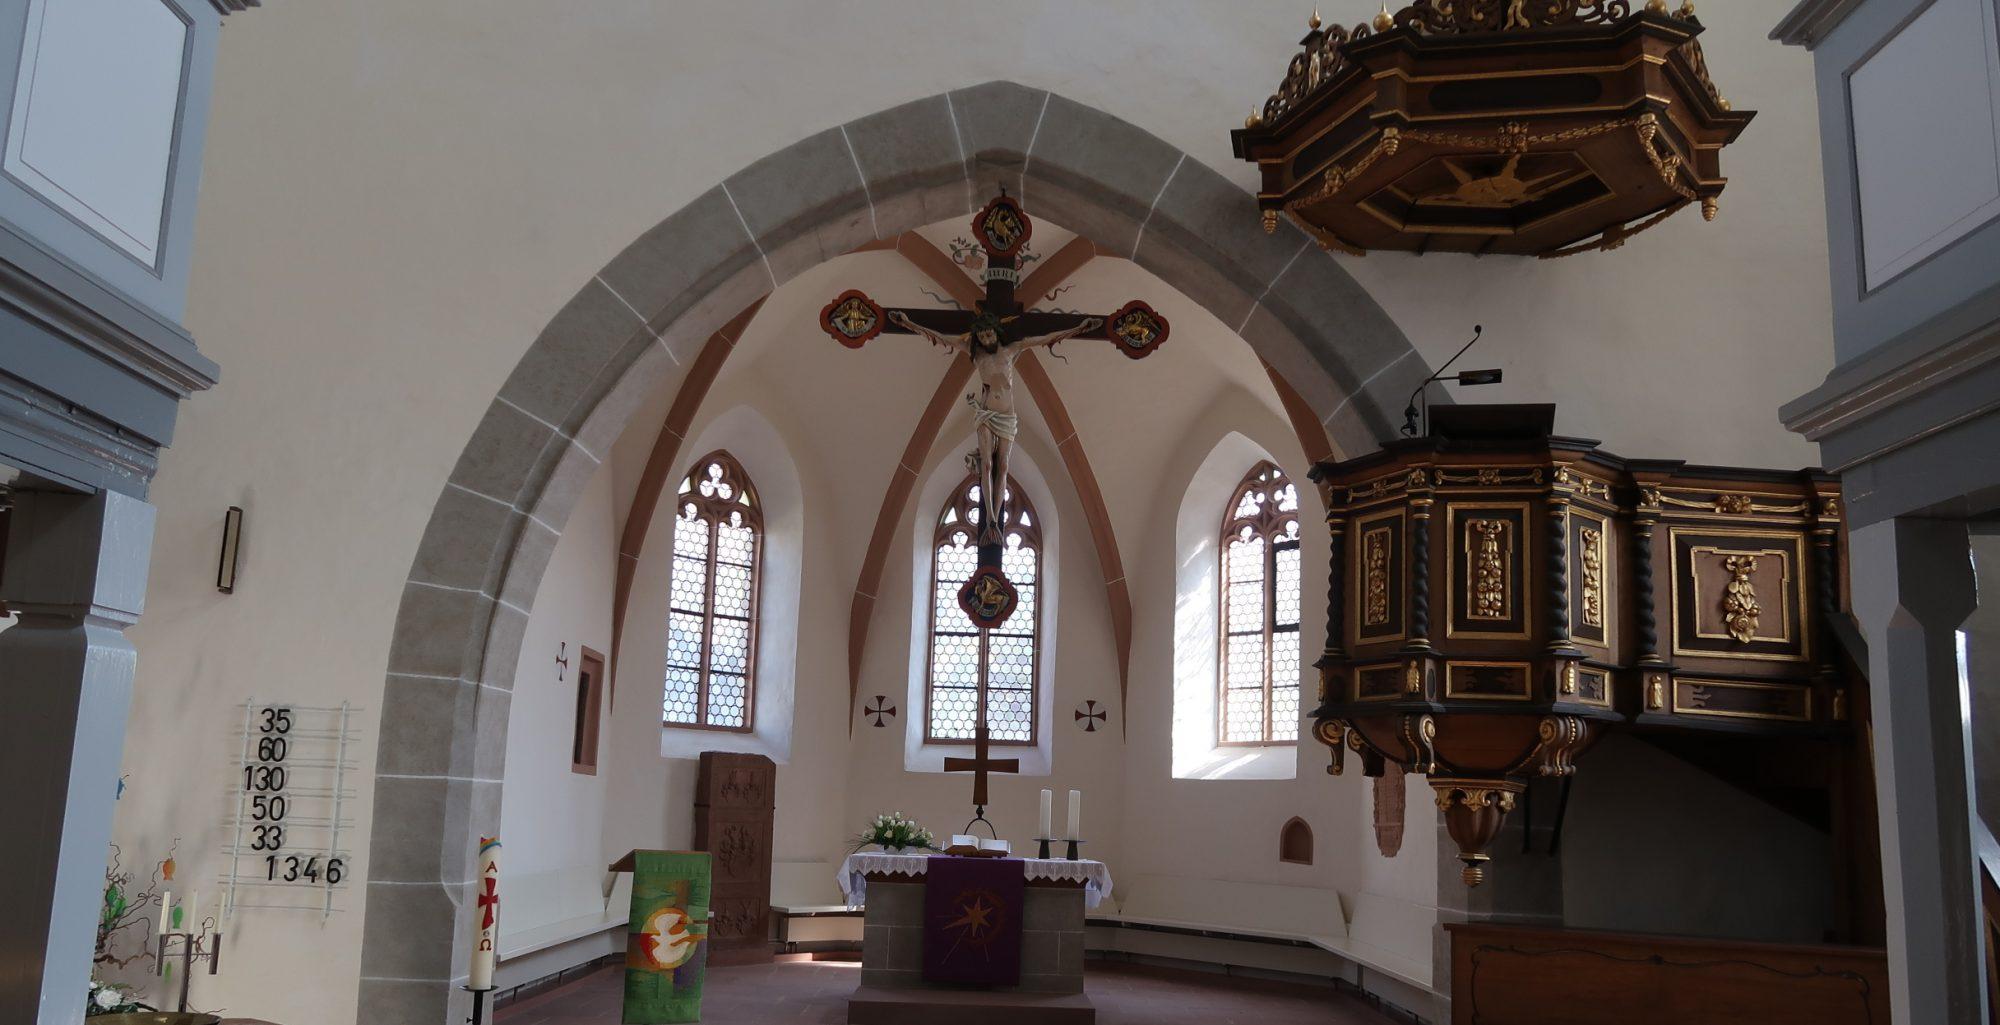 ev. Kirchengemeinde Hermannstein